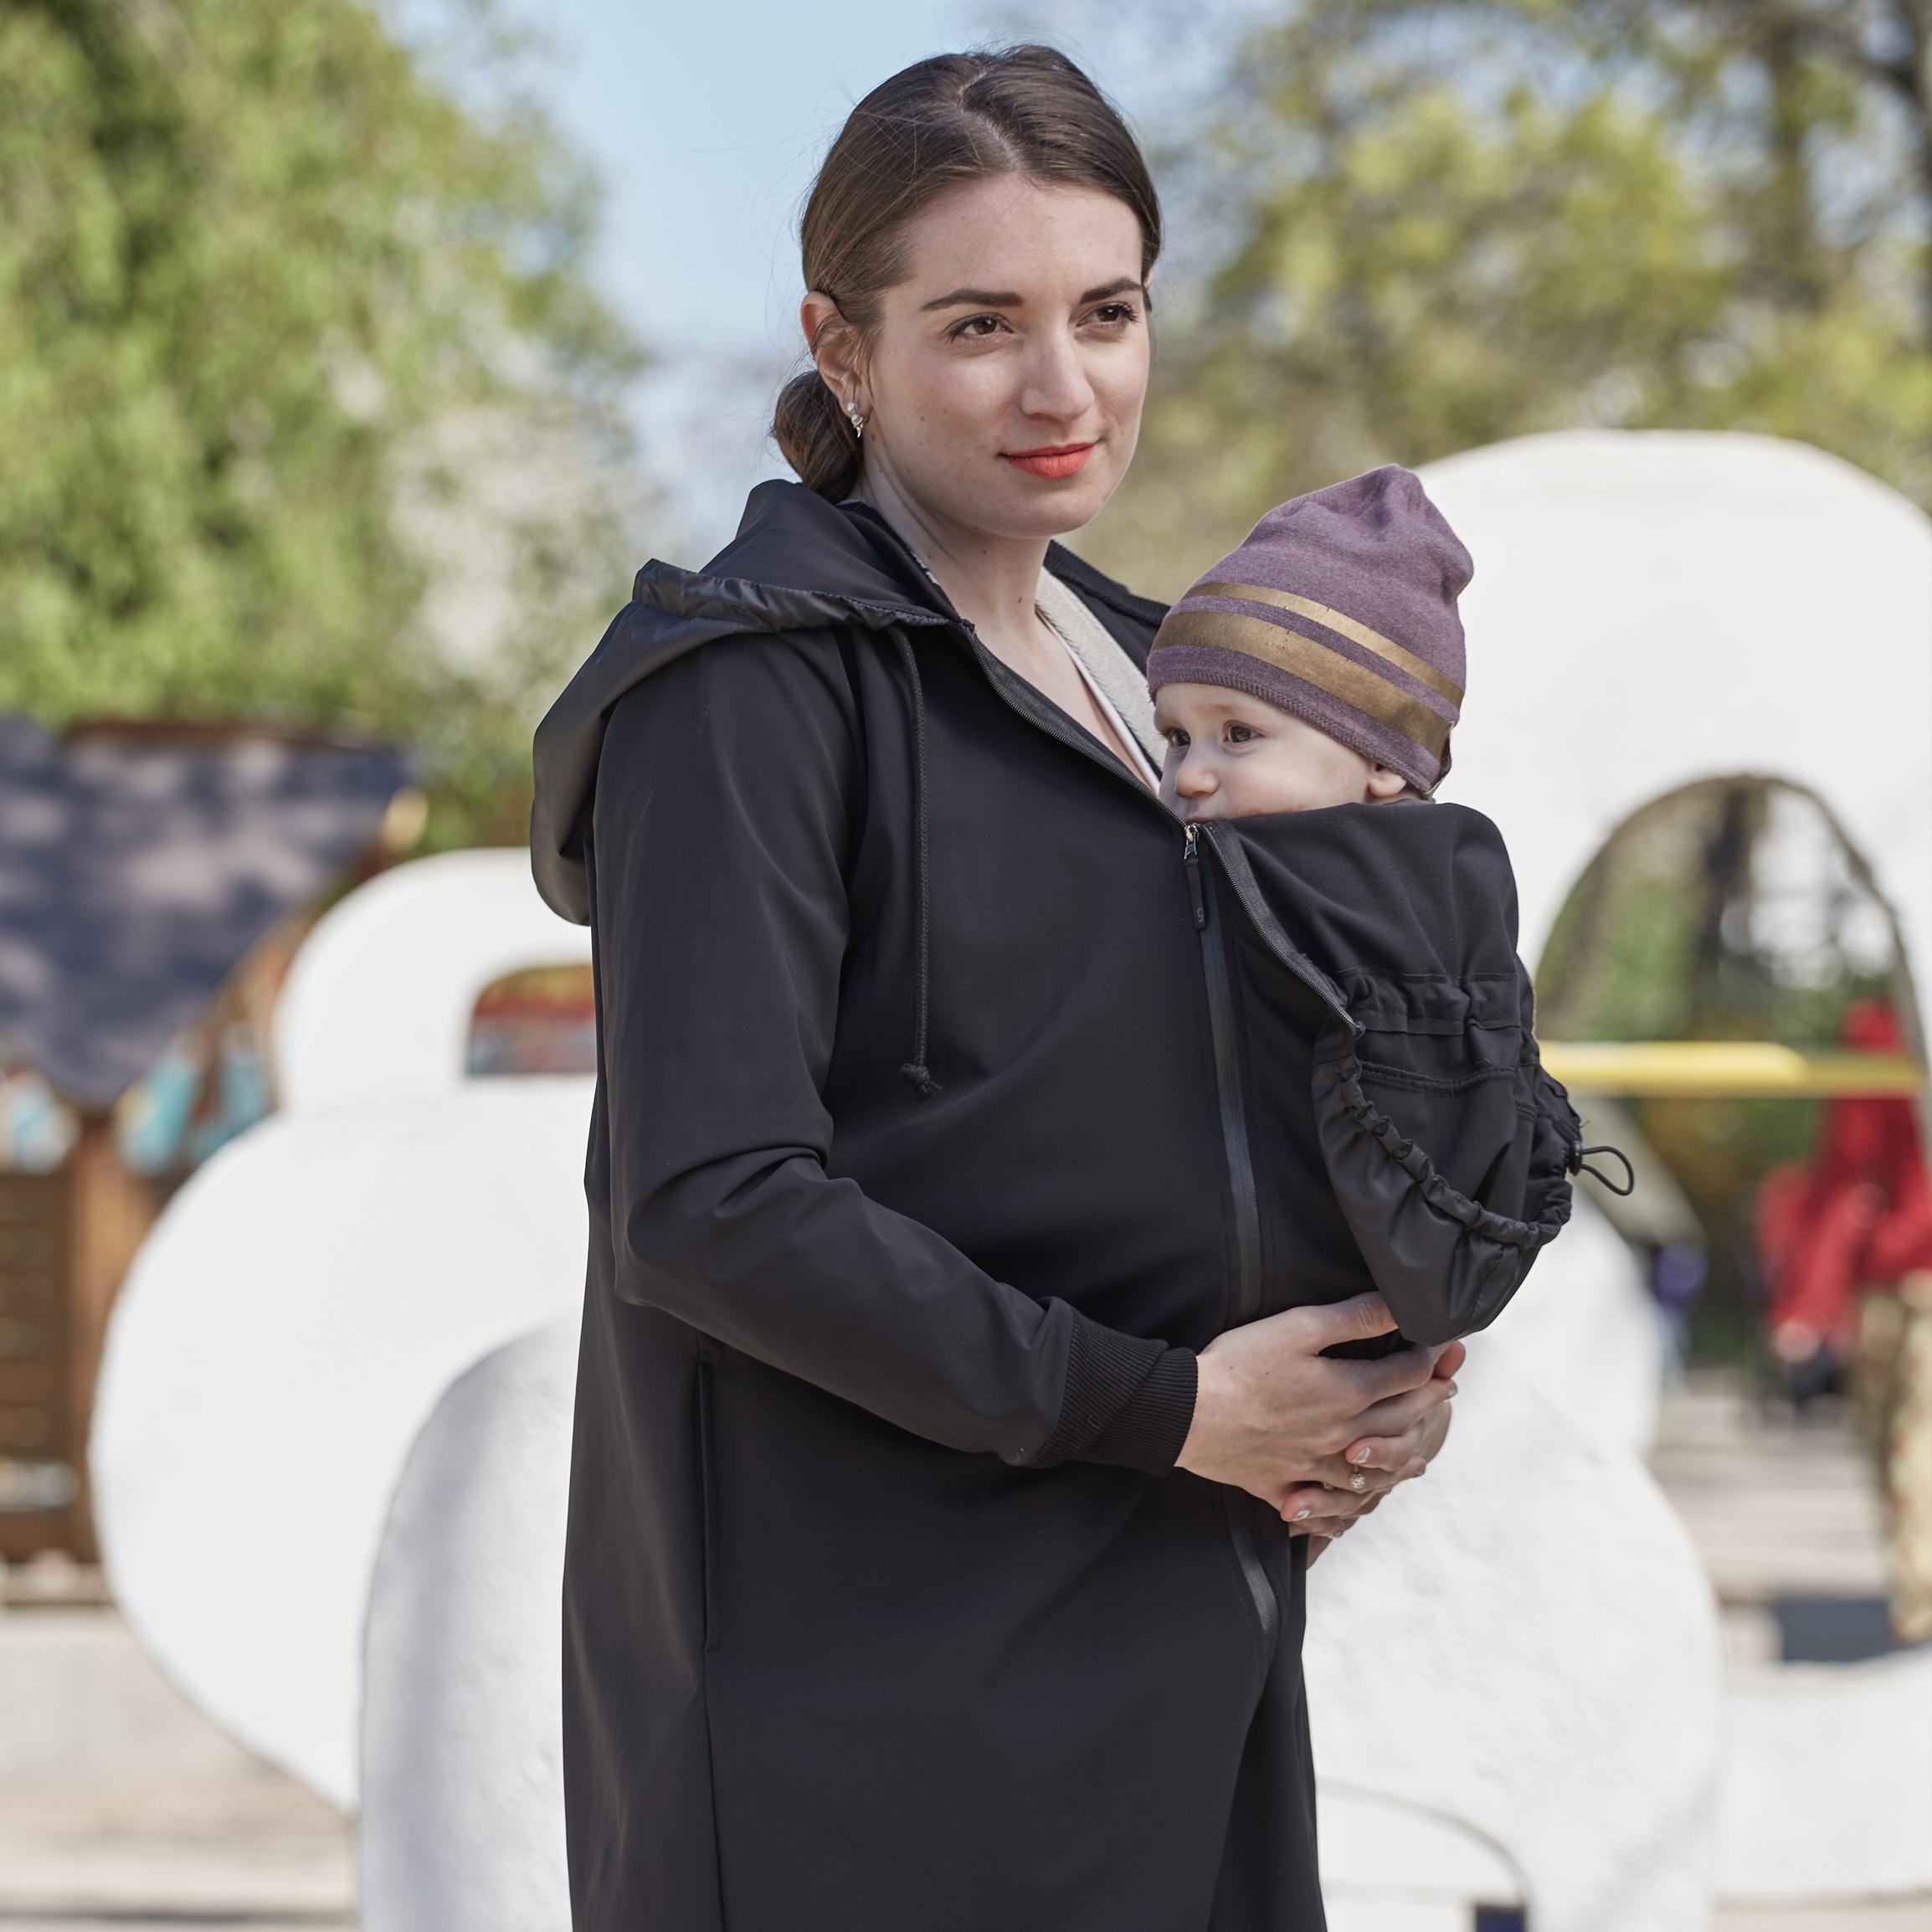 Nepromokava nosici bunda, Mama by Segra